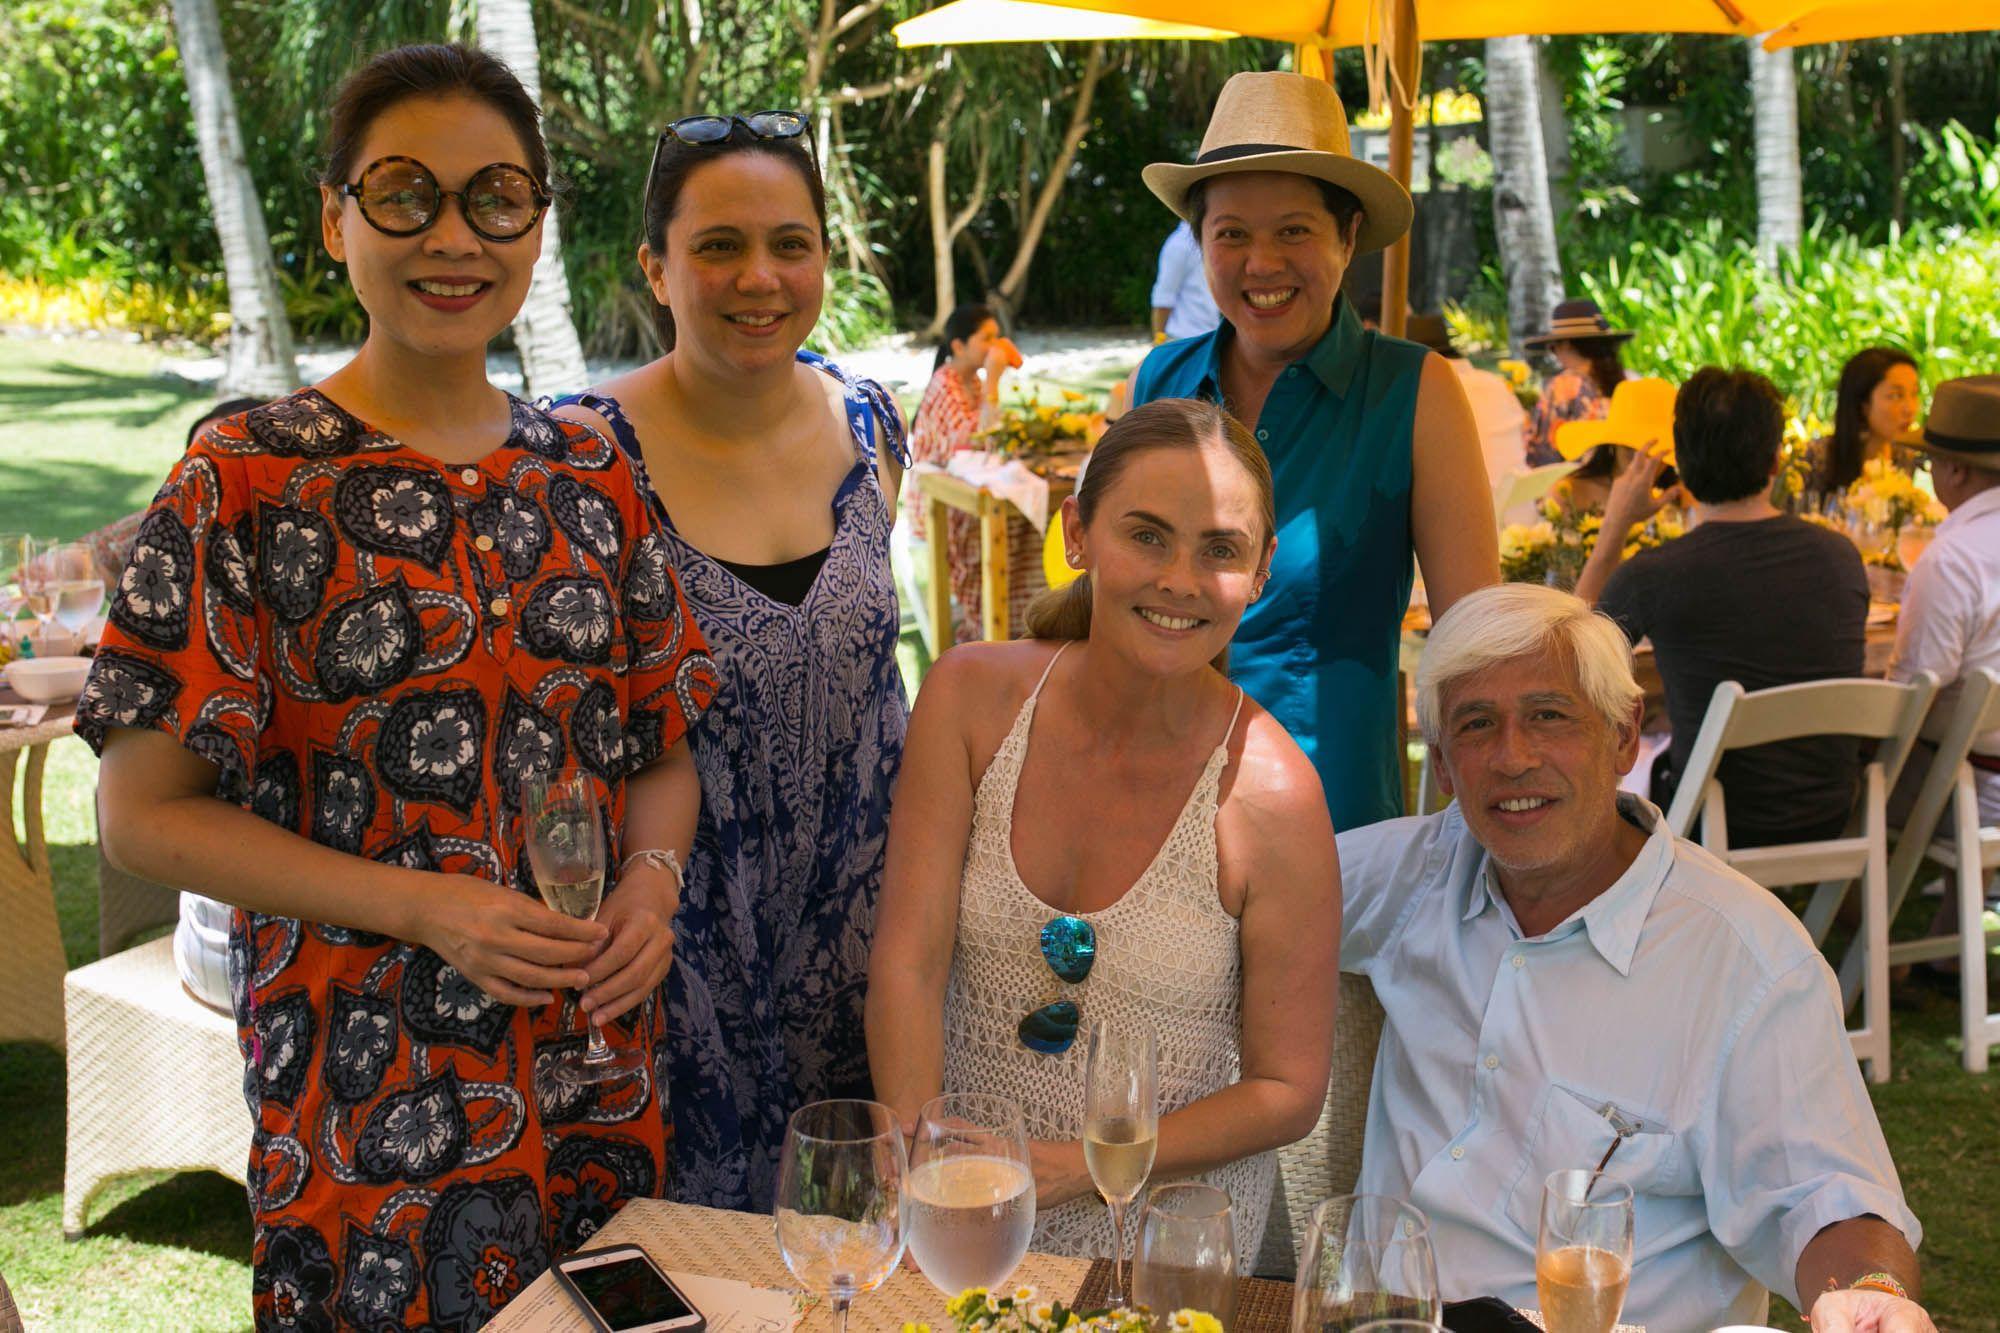 Liza Llarde Cuenca, Alicia Sy, Joanna Preysler, Yvette Fernandez, Raul Manzano